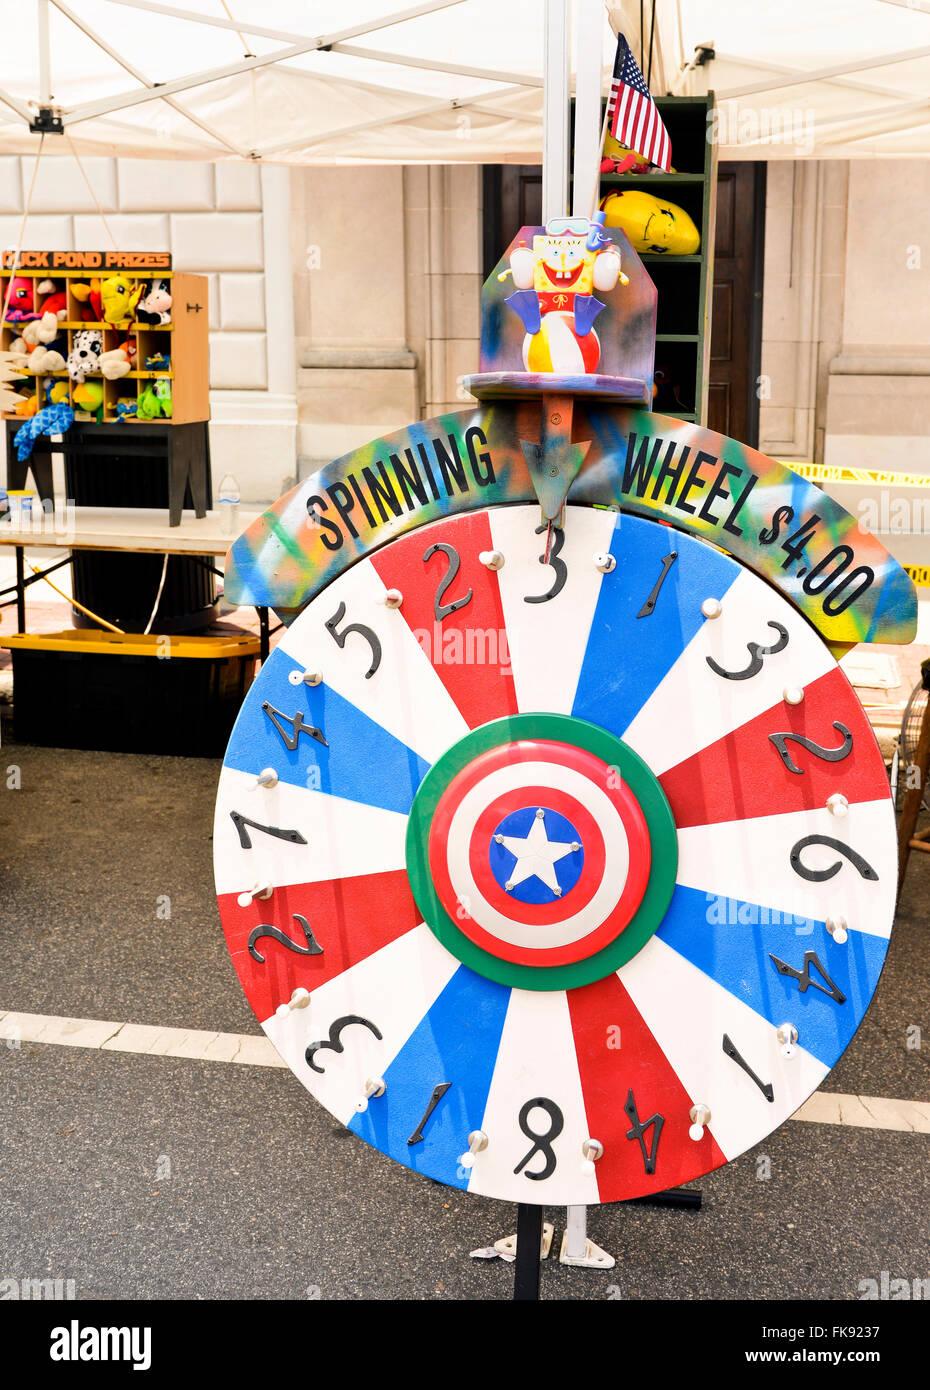 Carnival, festival, fair spinning wheel game Stock Photo